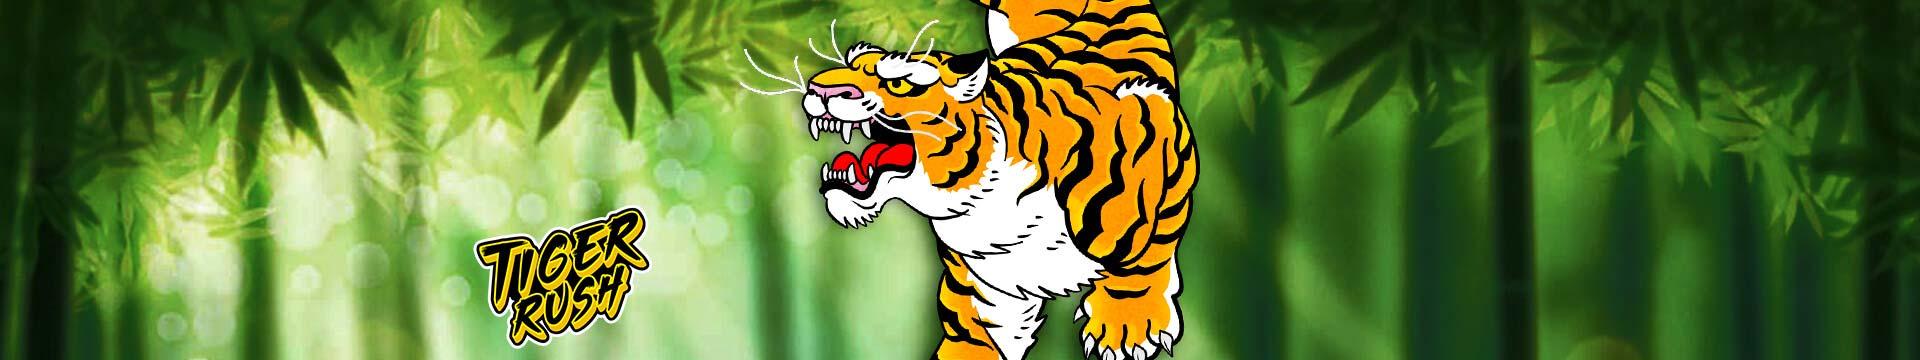 Slider Banner - Tiger Rush